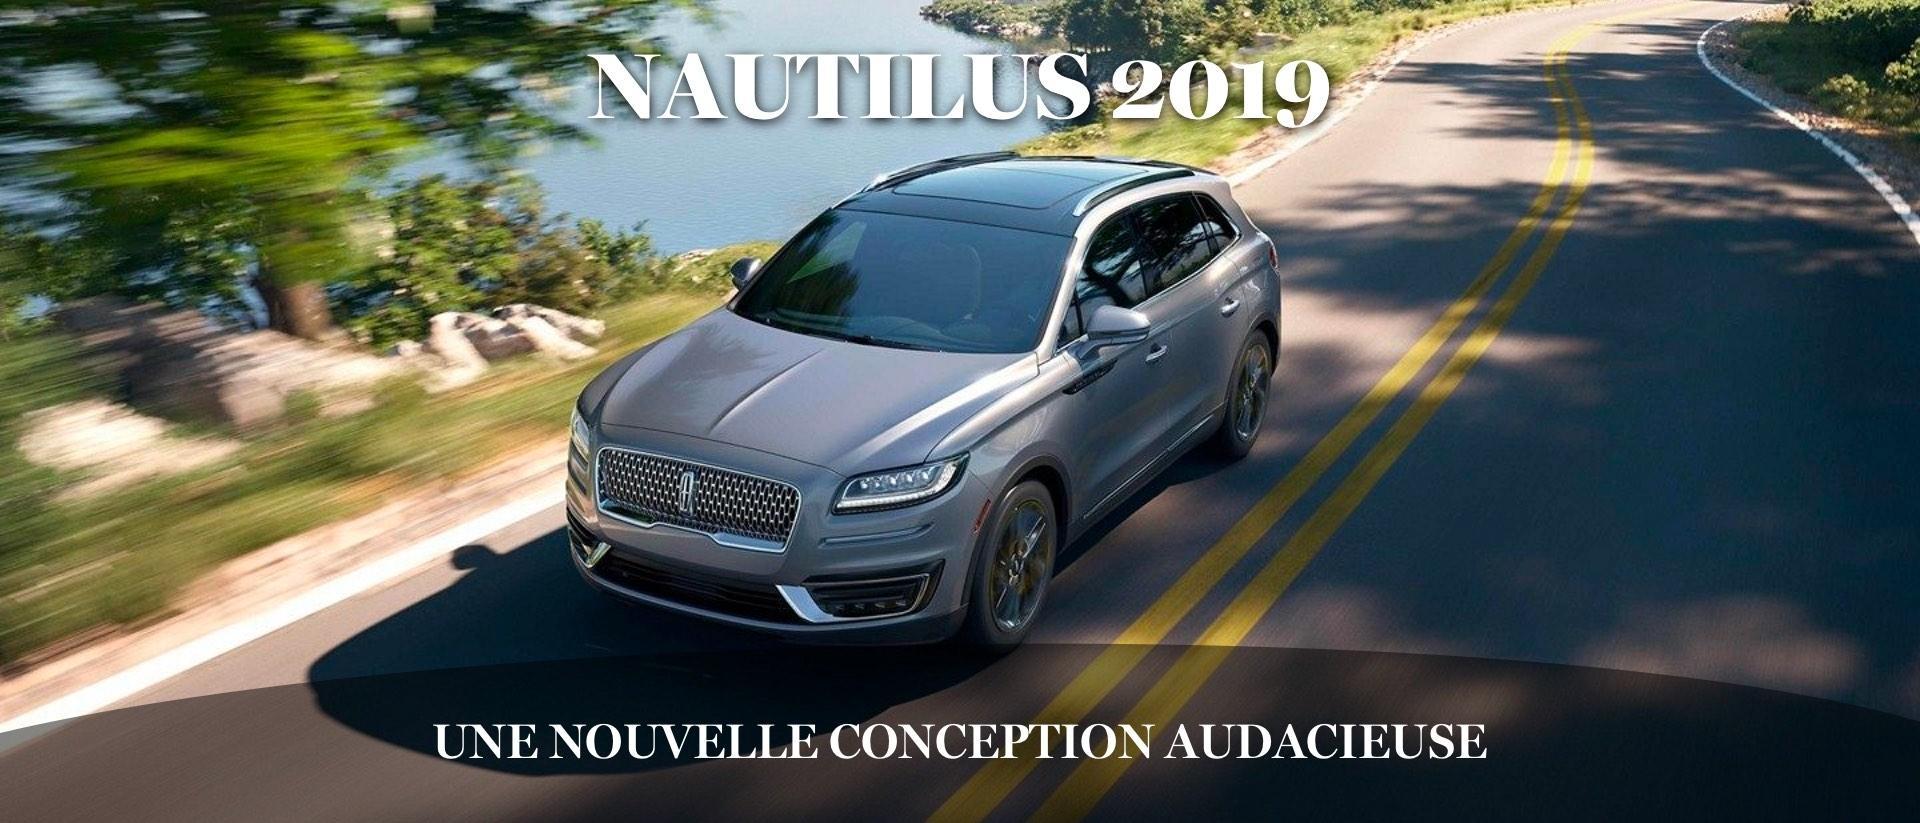 Nautilus 2019